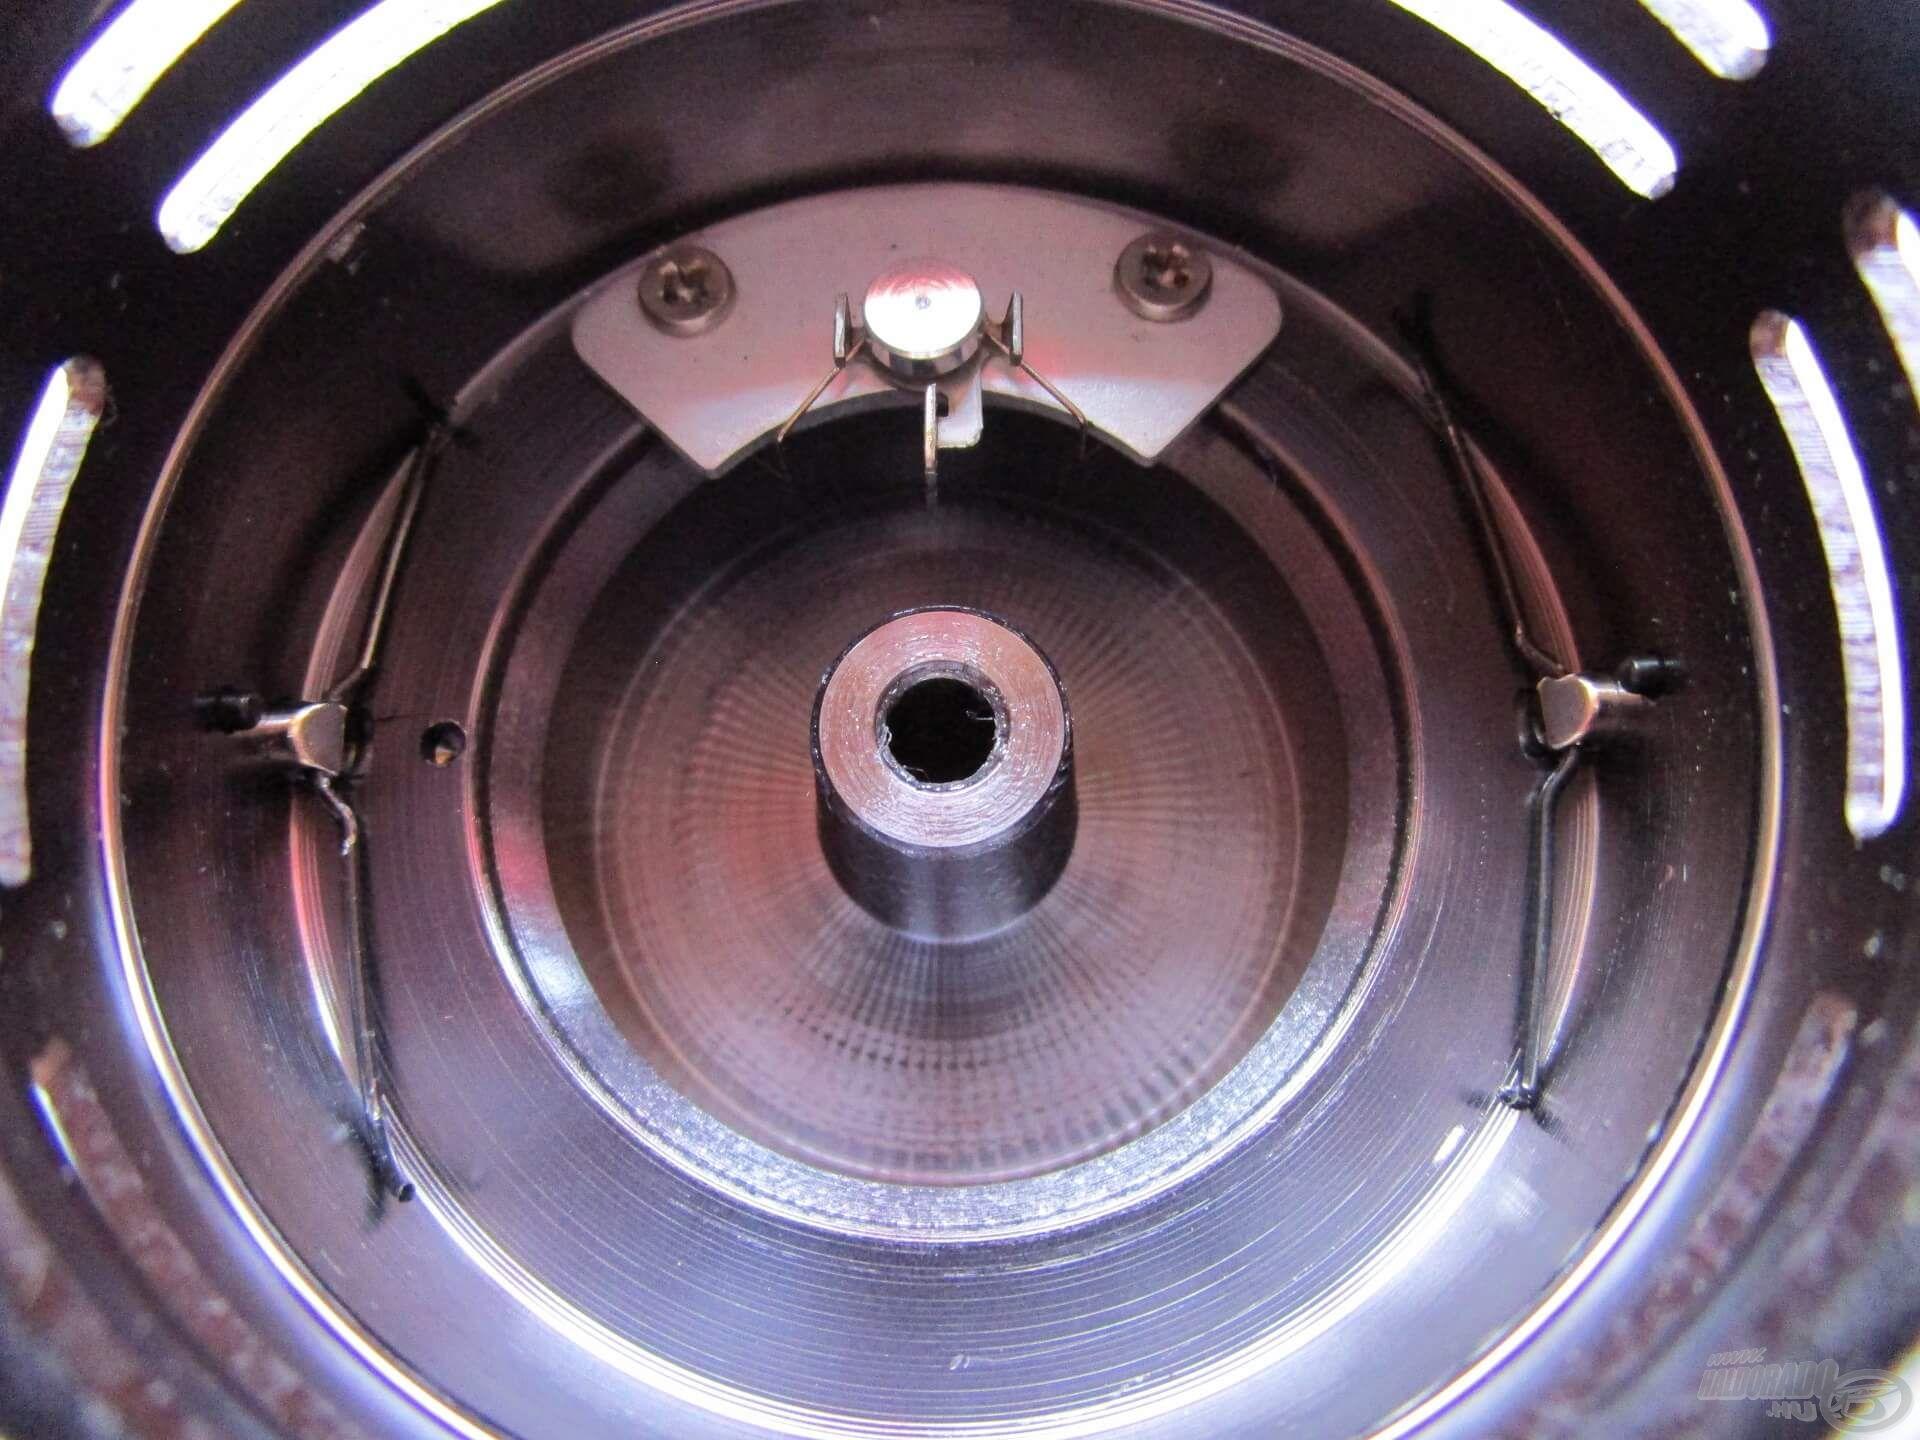 A dob belsejének kialakítása tökéletes! A két zsinórklipszhez erős rugók csatlakoznak, és a recsegésért felelős alkatrész is csupa fém!